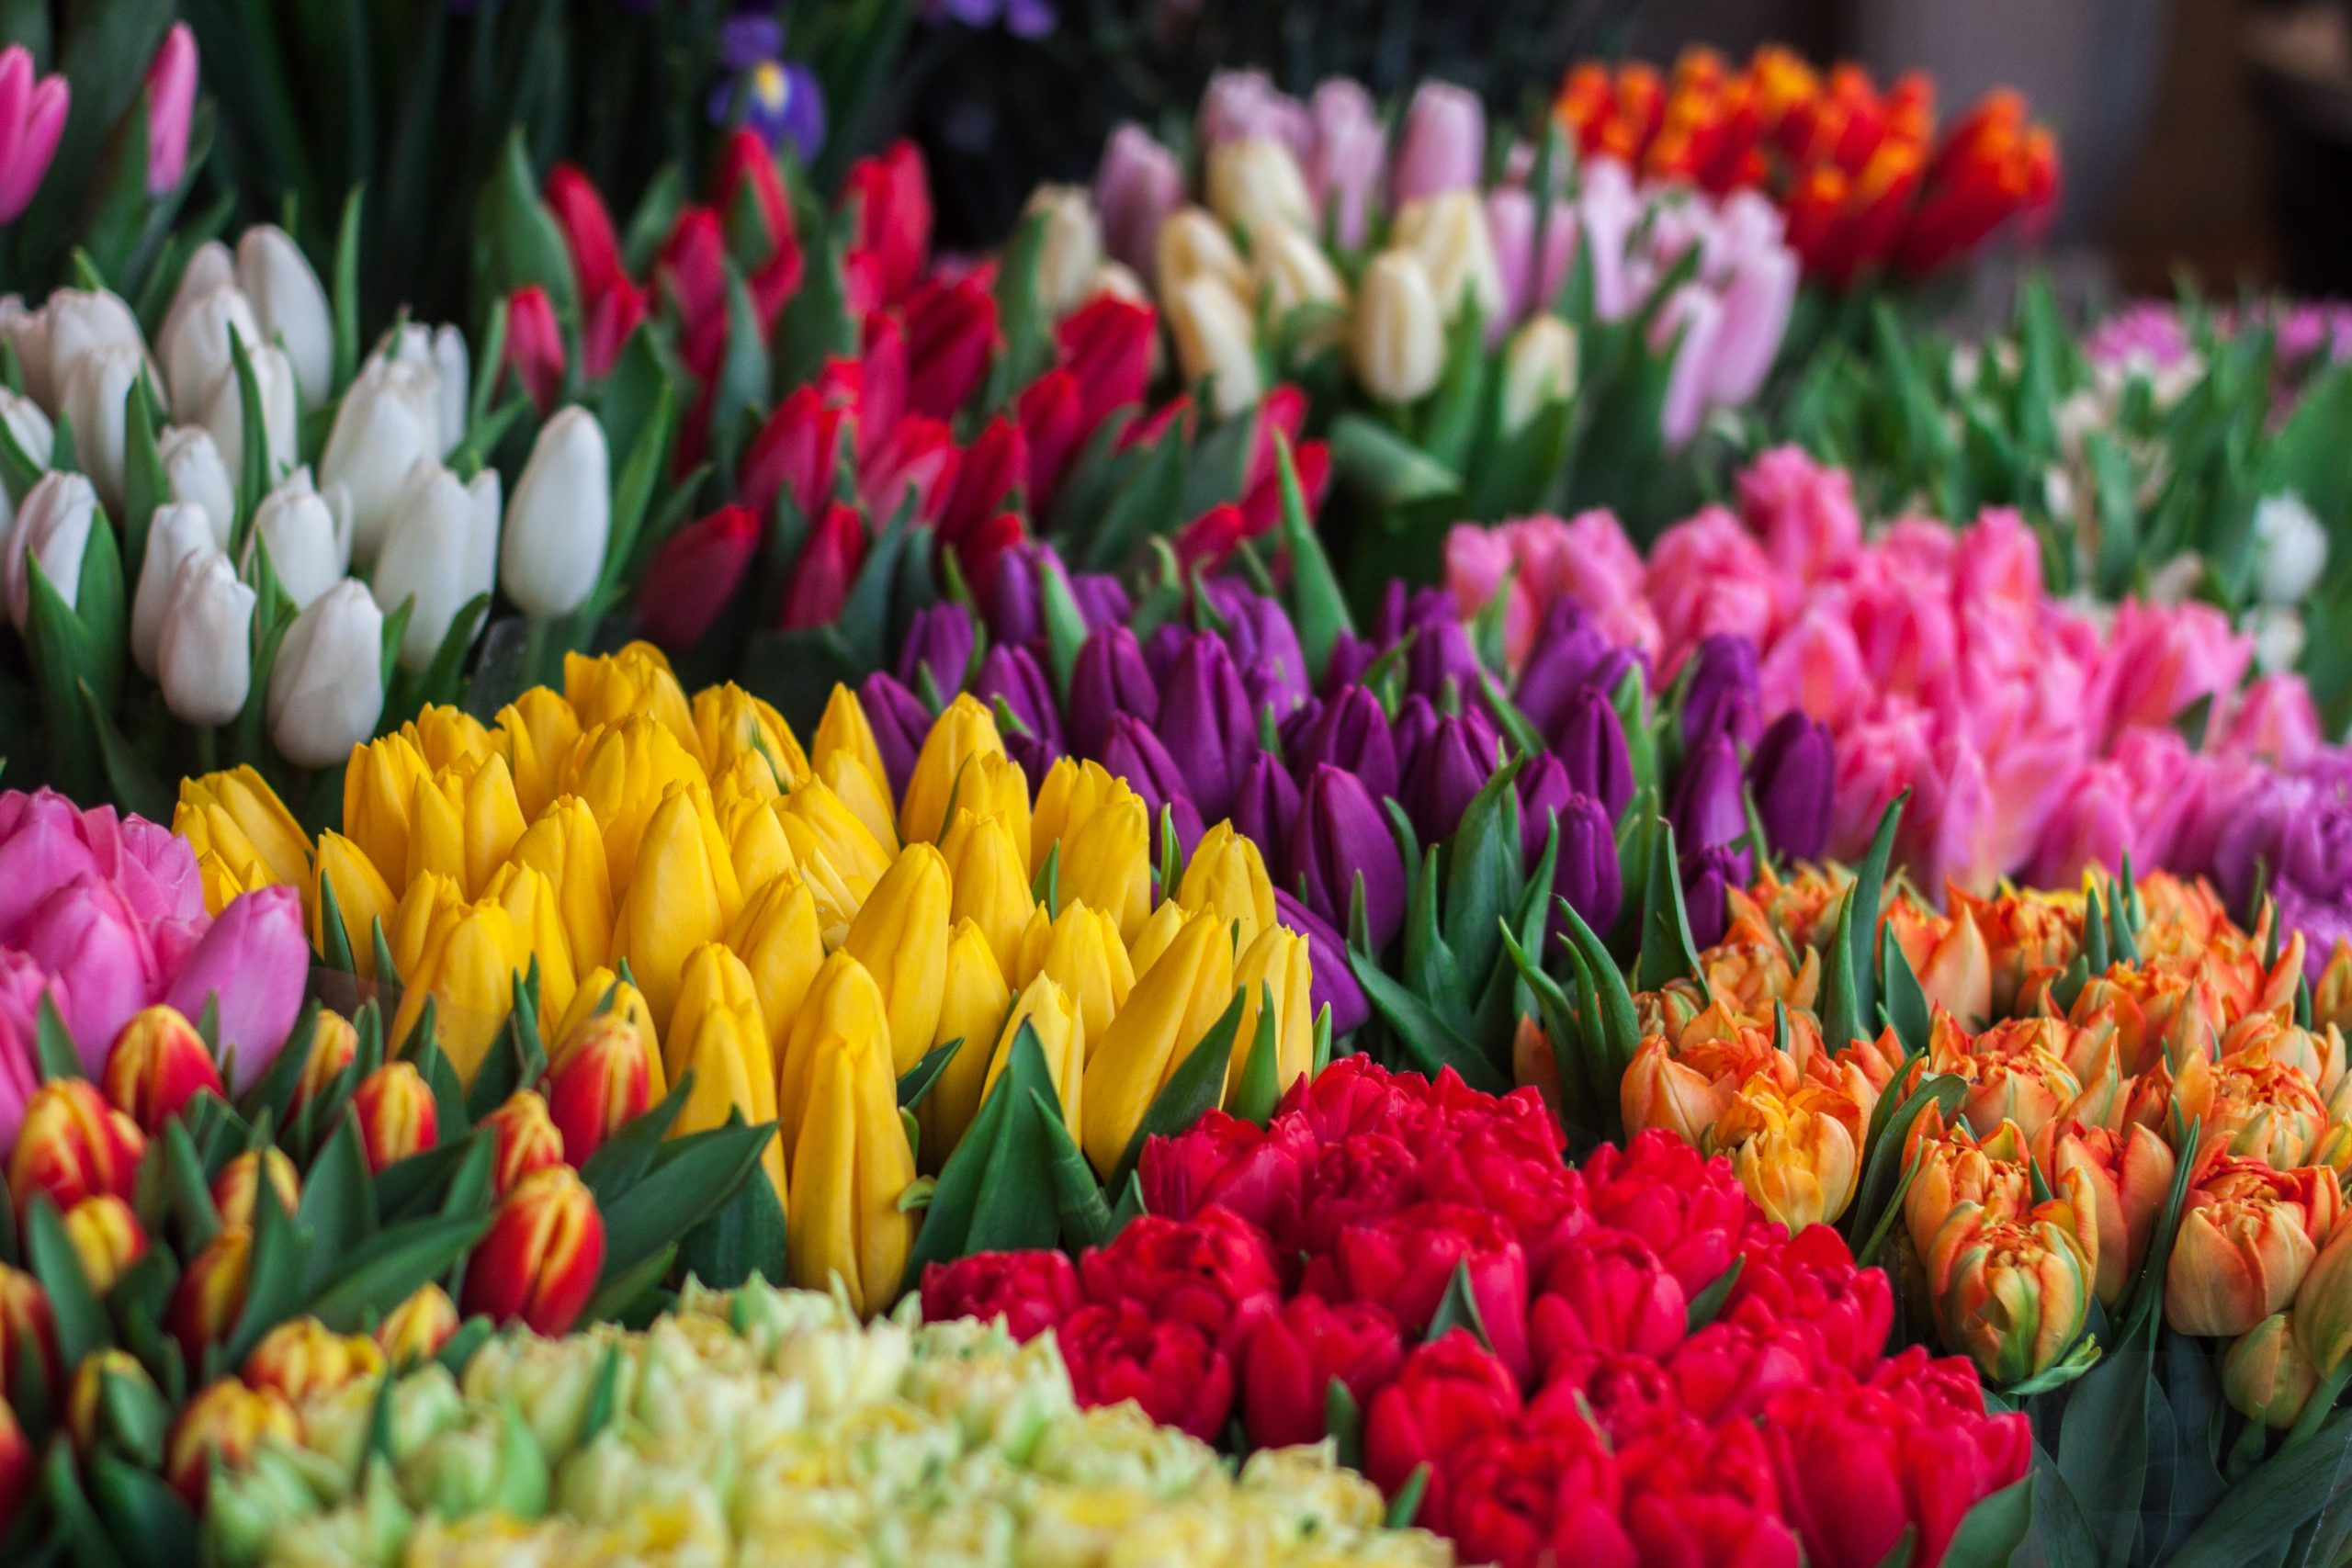 I fiori di Noto arrivano in via della Spiga a Milano